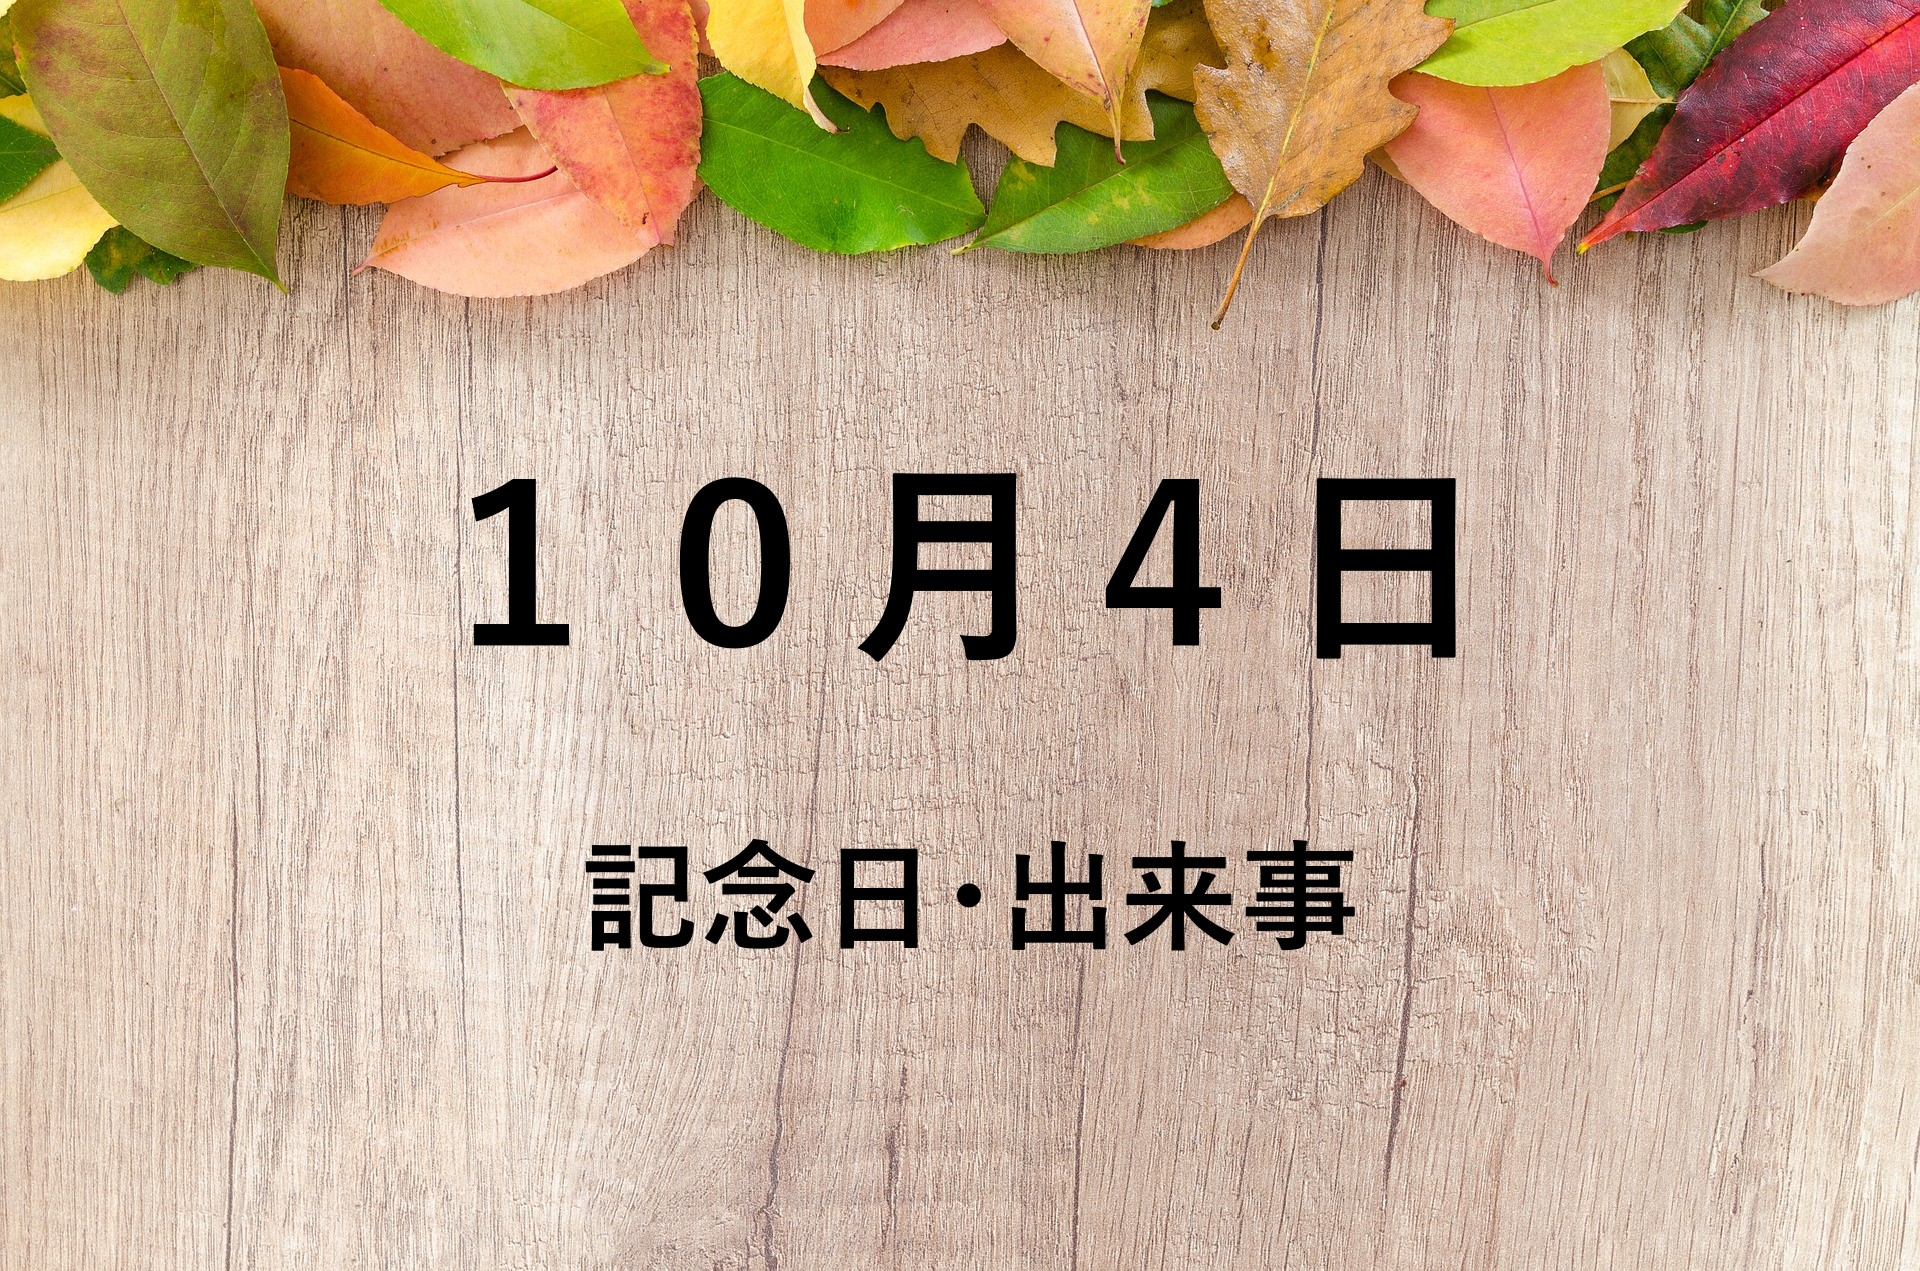 10月4日の文字画像